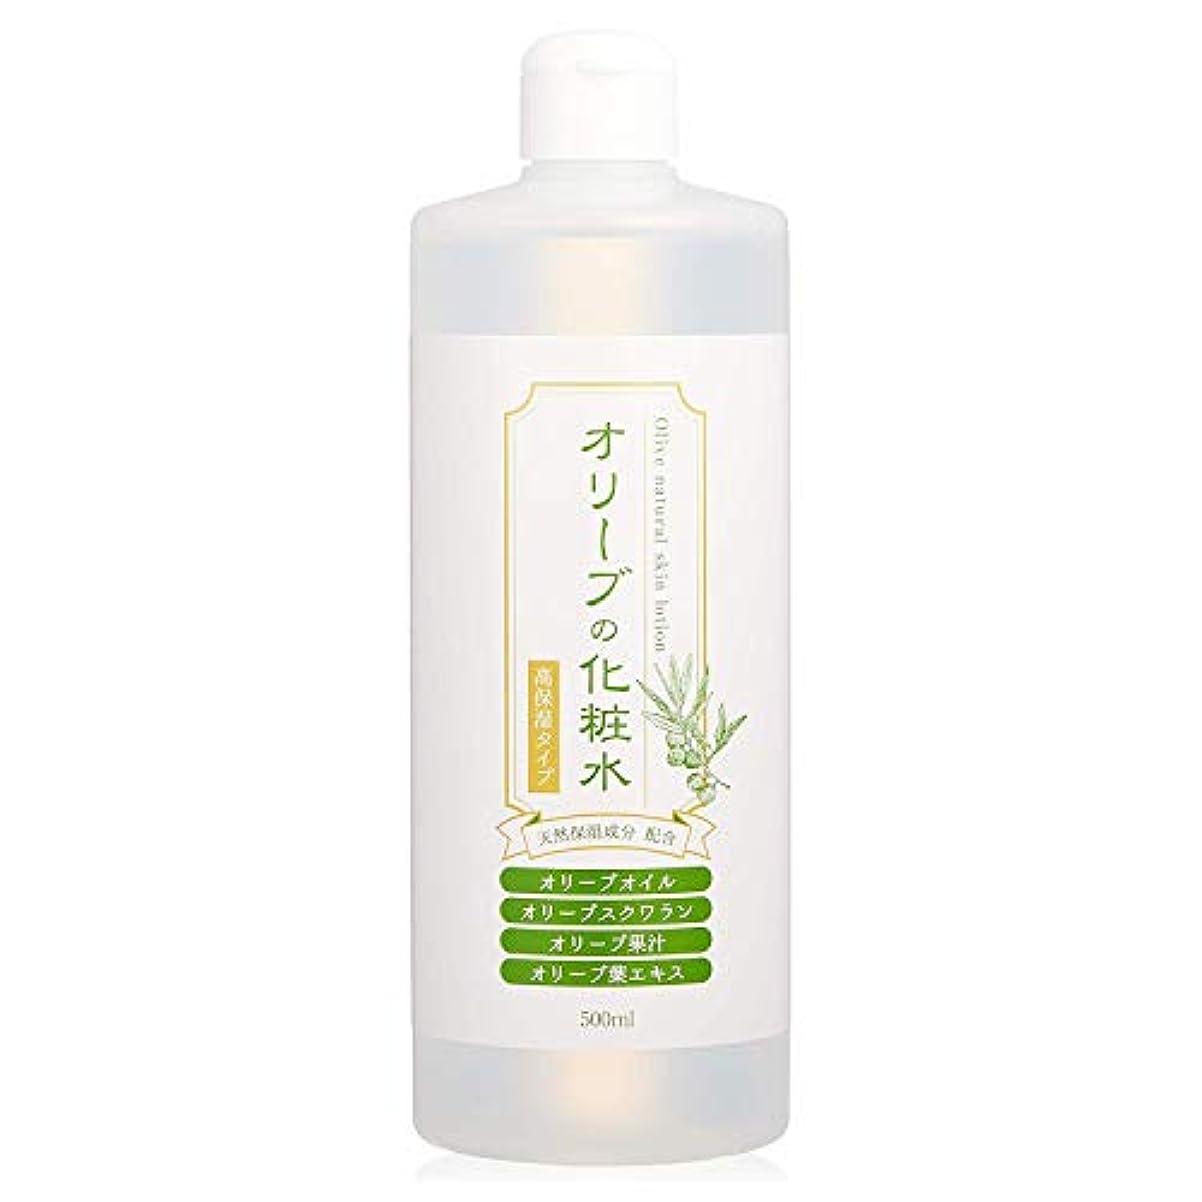 ベンチャー番号メーカー日本オリーブ オリーブクリアローション 〈オリーブの化粧水〉 (500mL)